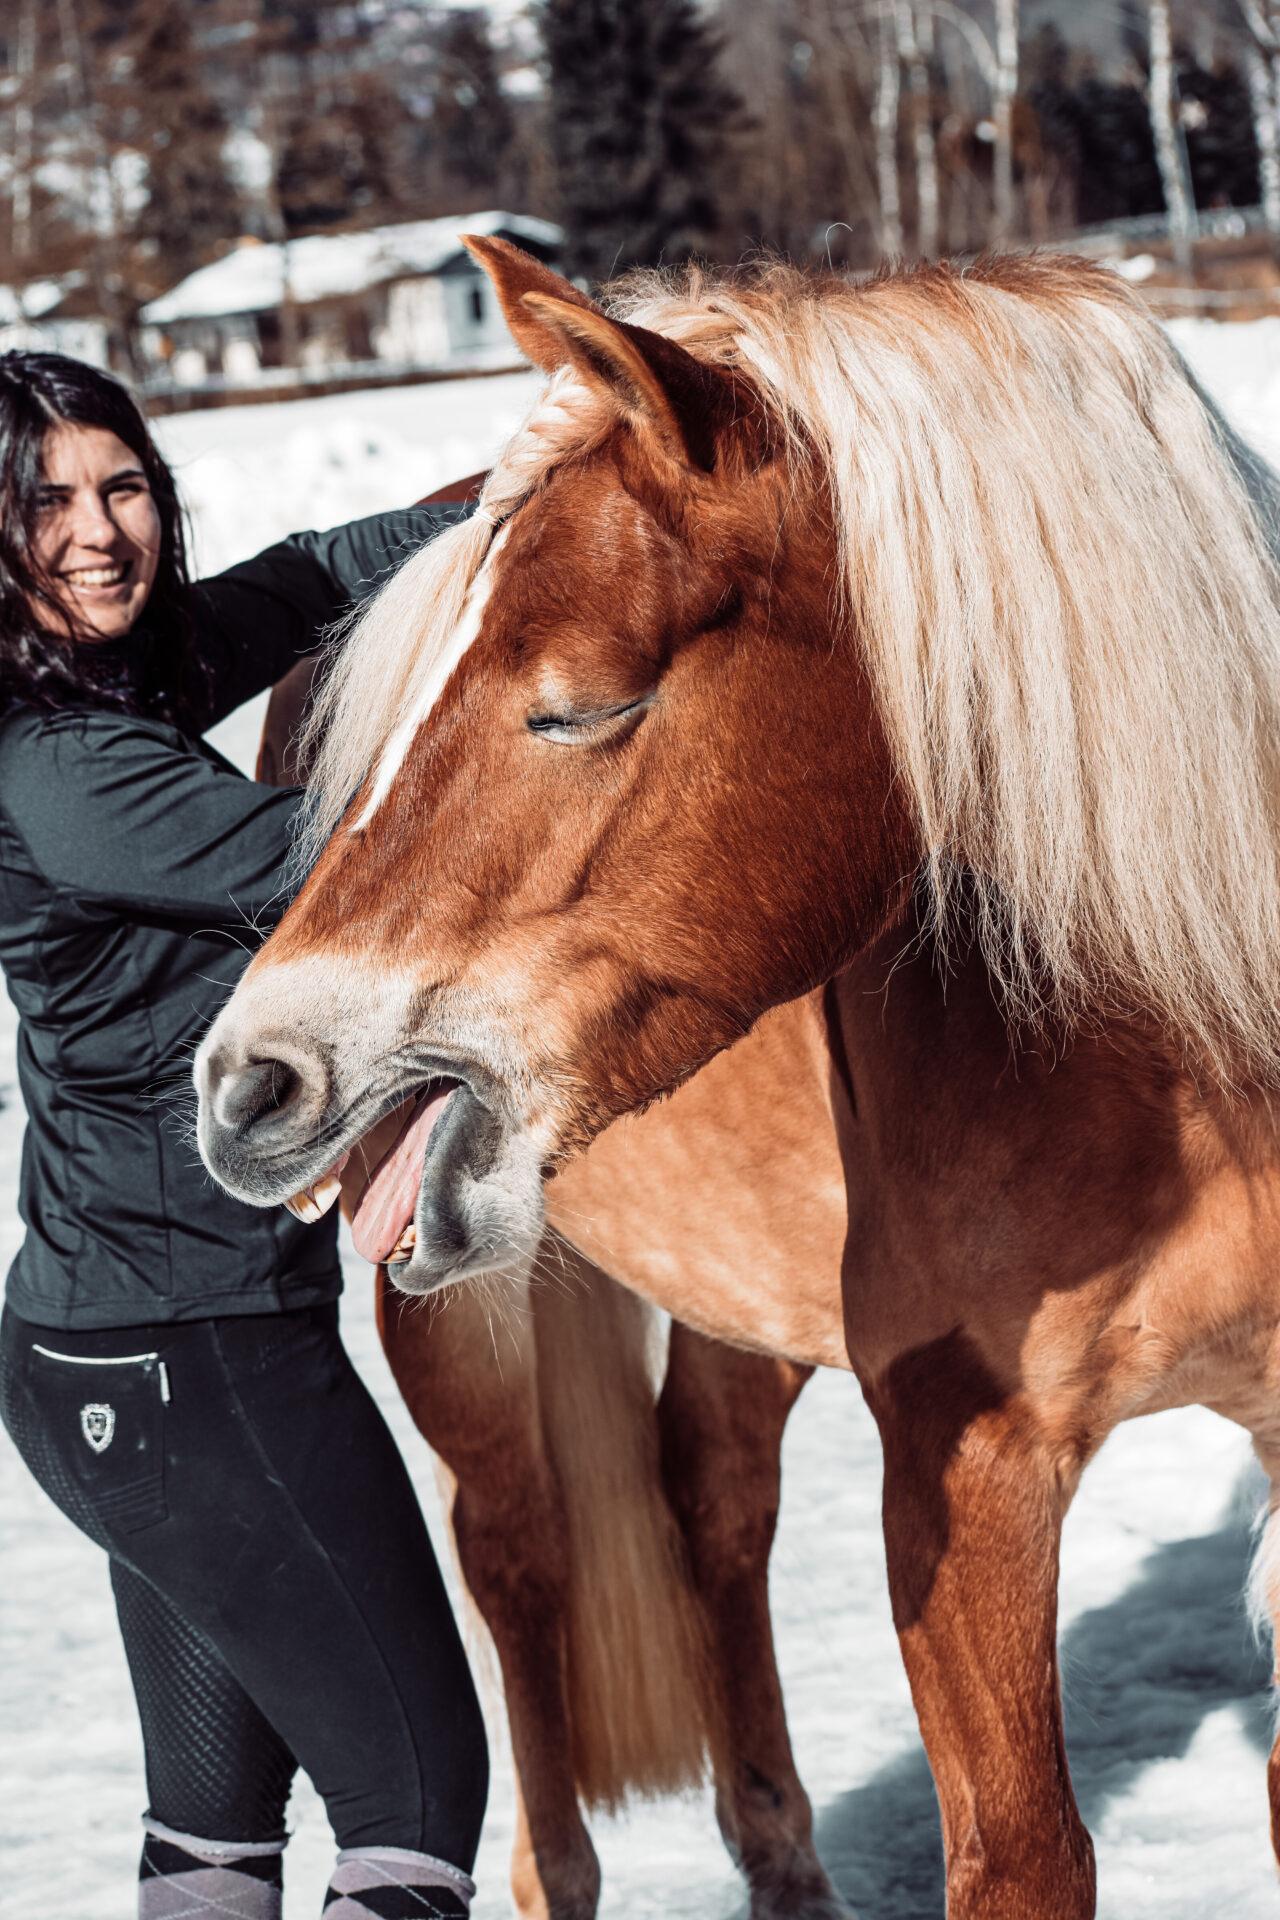 Das Pferde genießt sichtlich die Behandlung mit dem NOVAFON power und gähnt